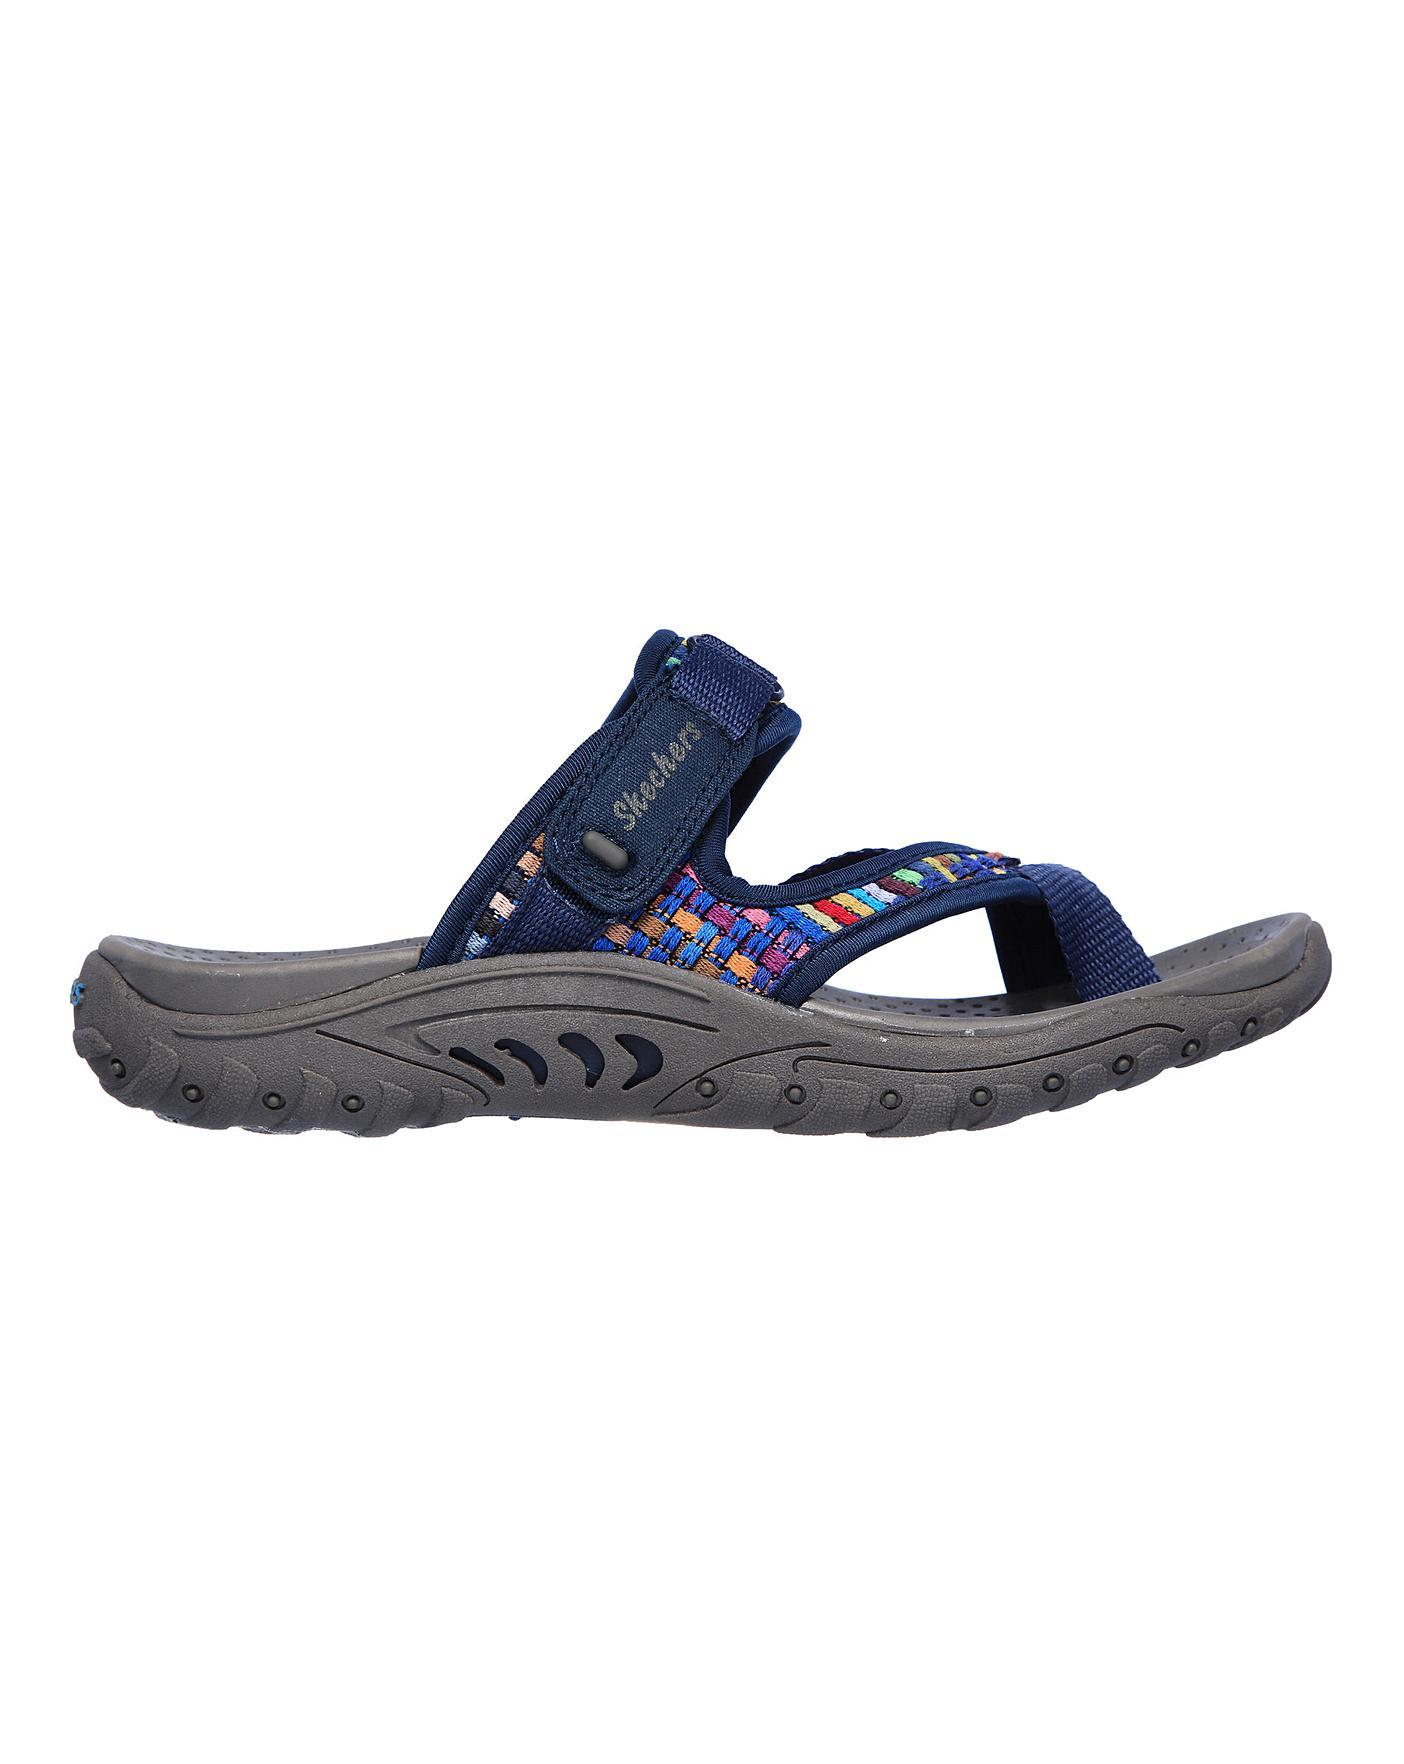 reggae sandals